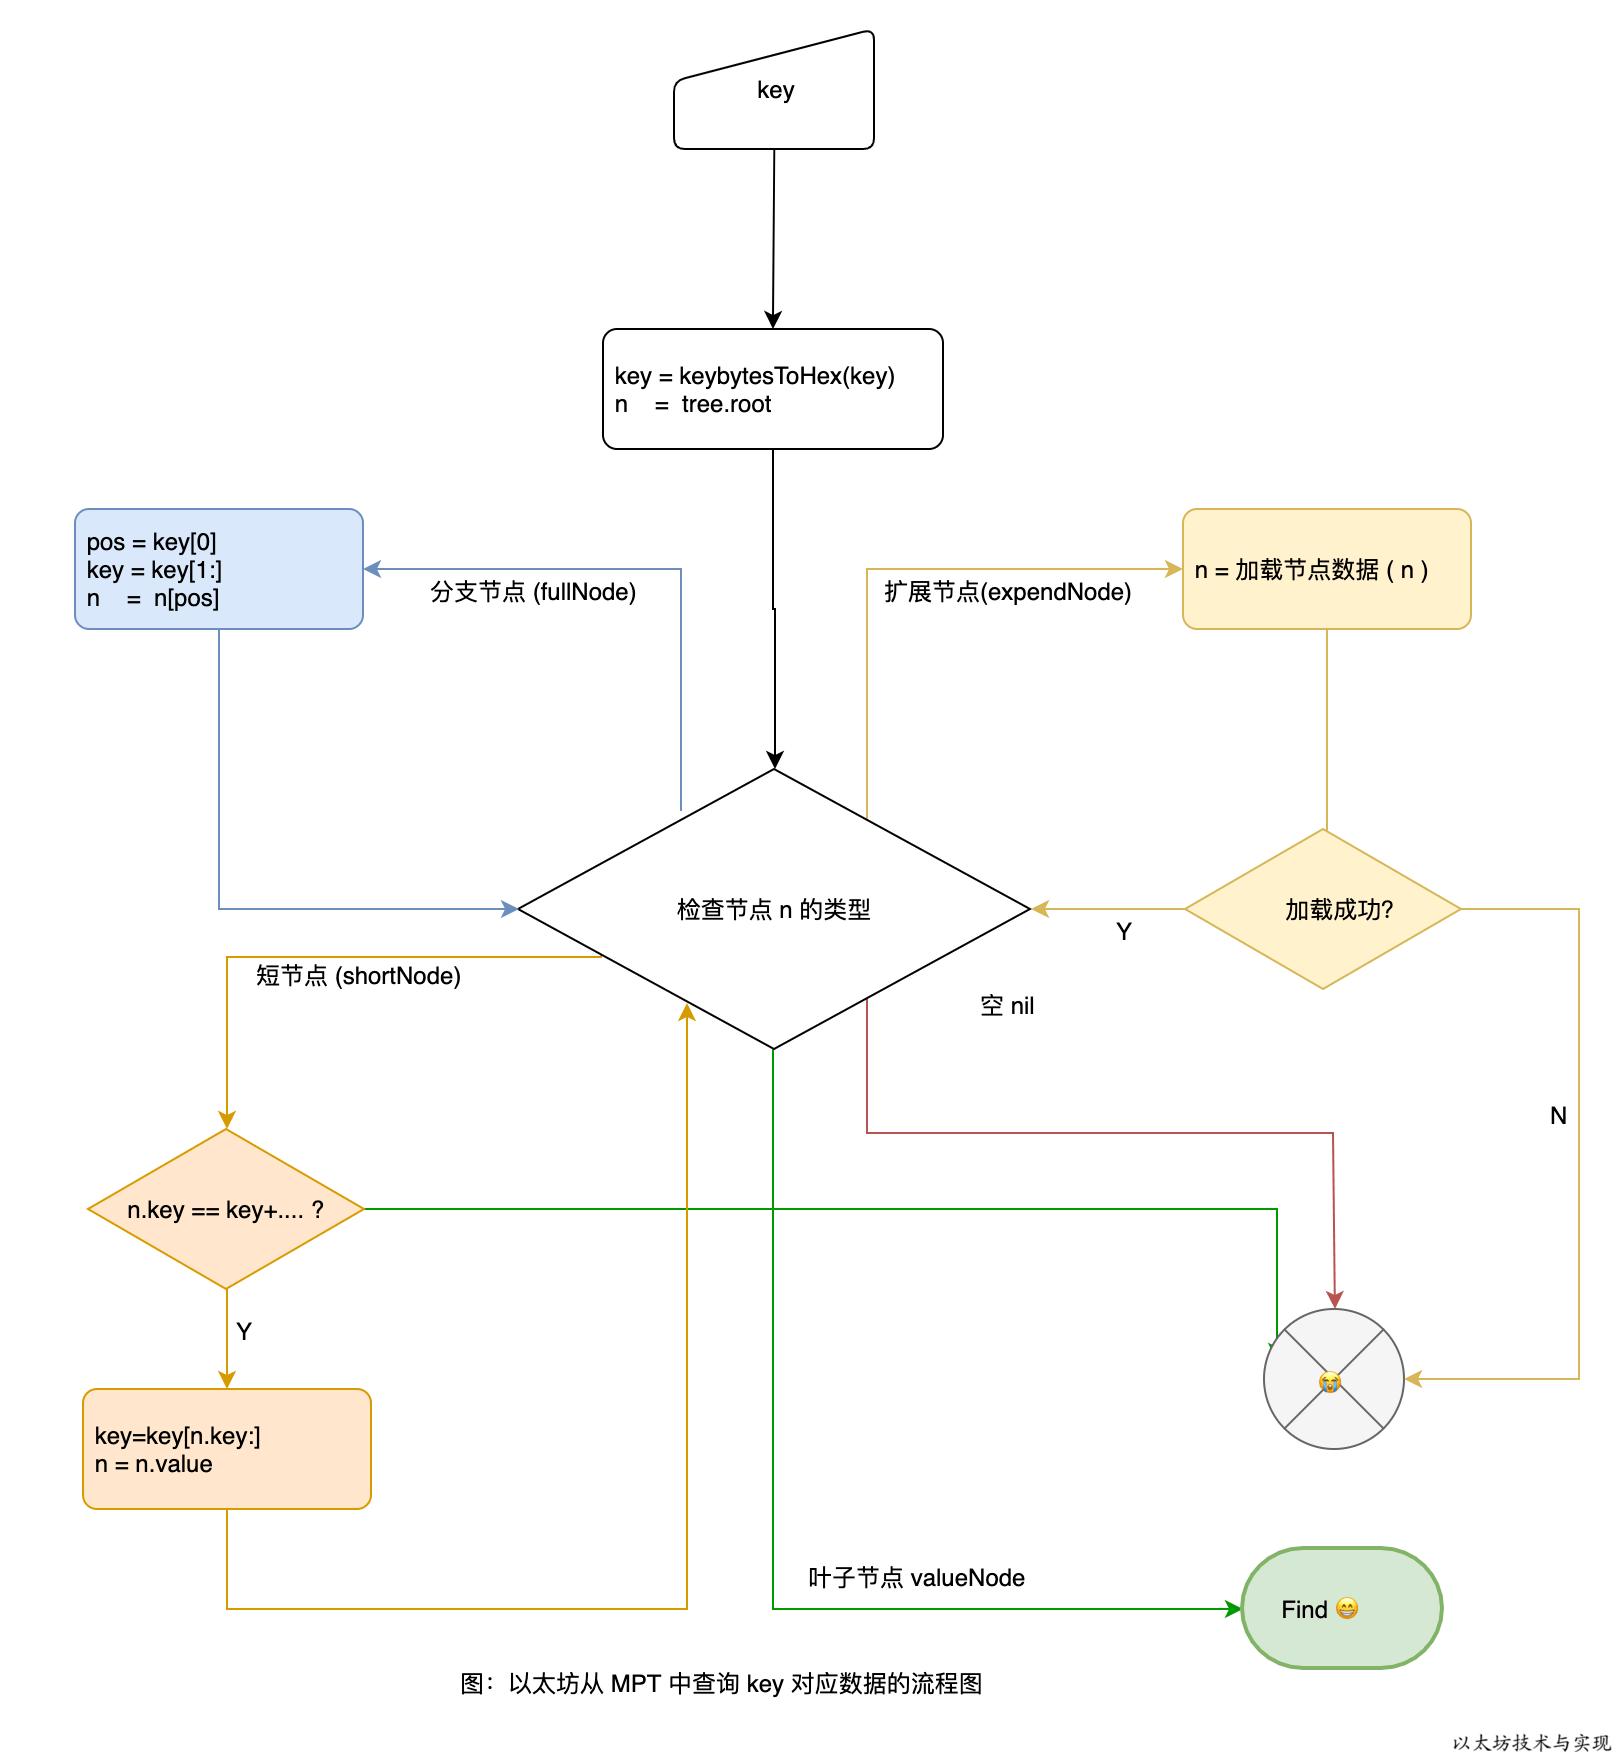 以太坊技术与实现-图-以太坊从 MPT 中查询查找某 Key 对应数据的流程图